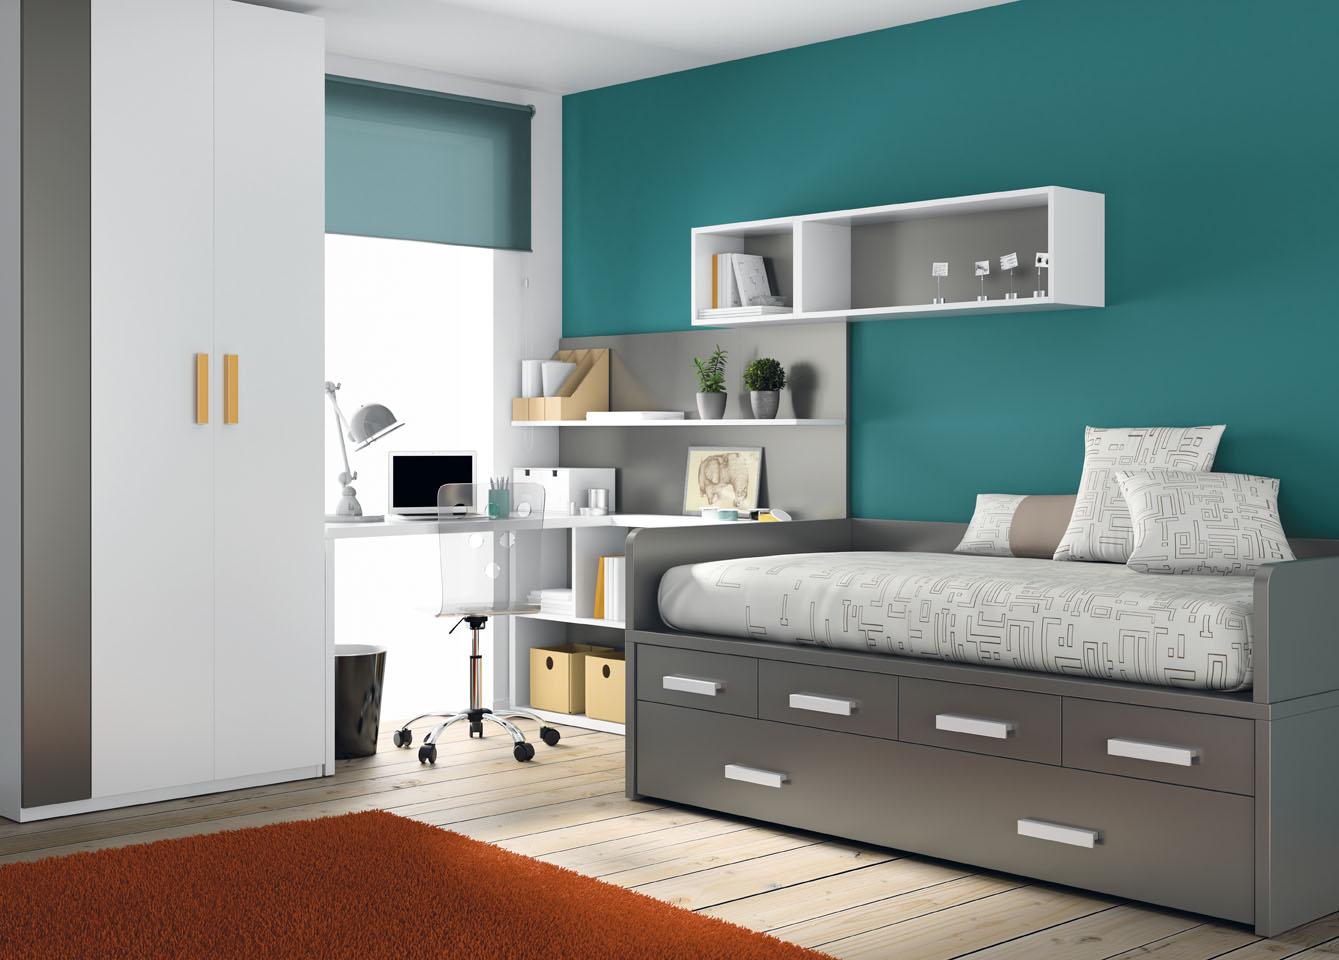 Muebles ros habitaciones para j venes econ micas y de dise o - Decoracion de paredes de dormitorios juveniles ...